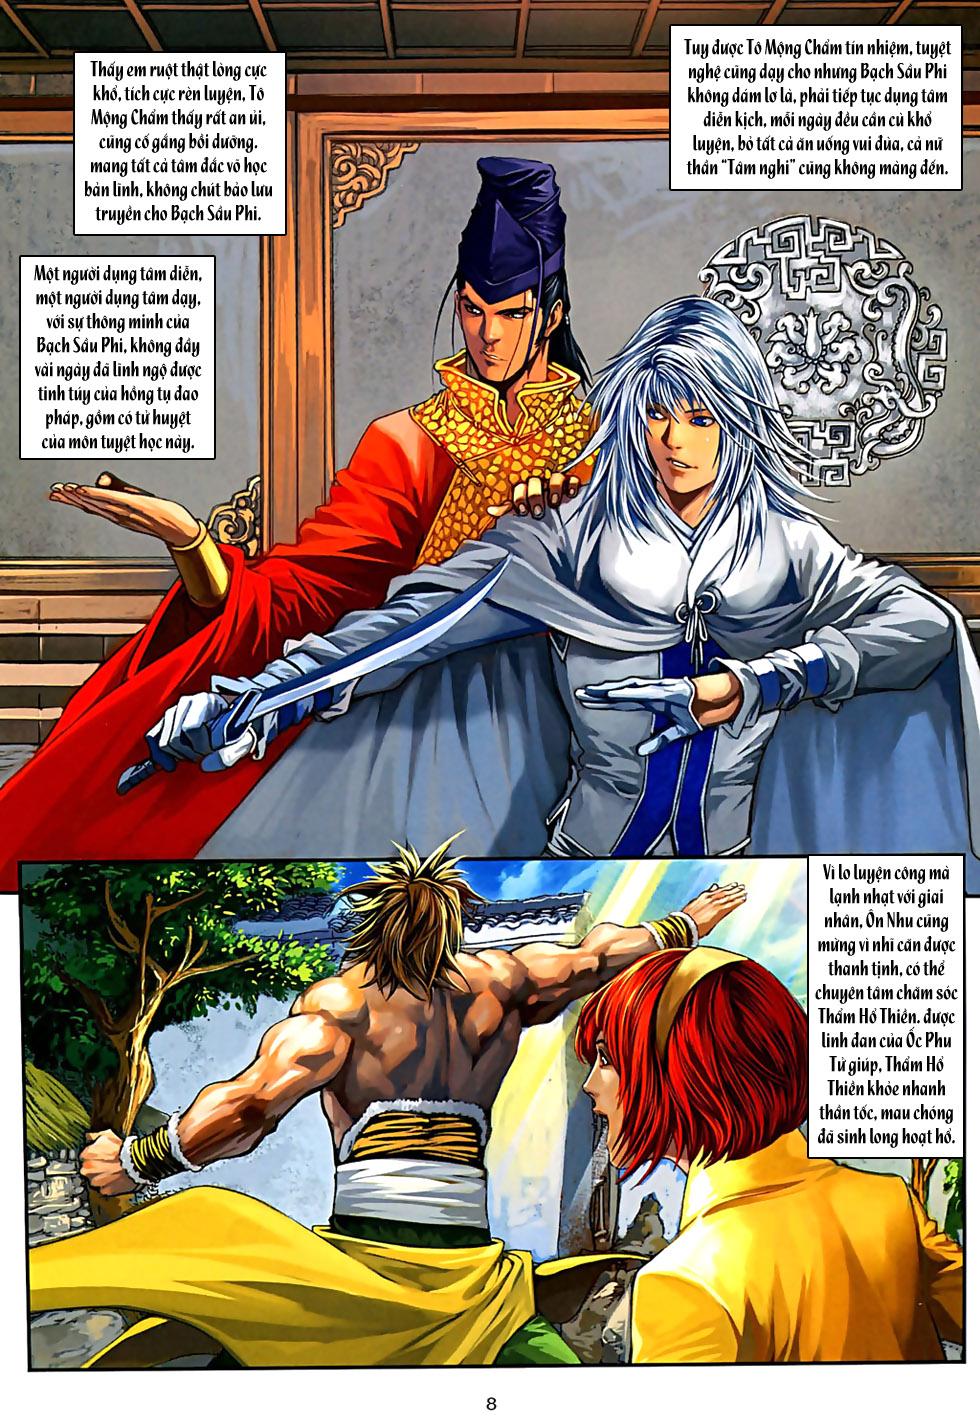 Ôn Thuỵ An Quần Hiệp Truyện Phần 2 chapter 32 trang 9